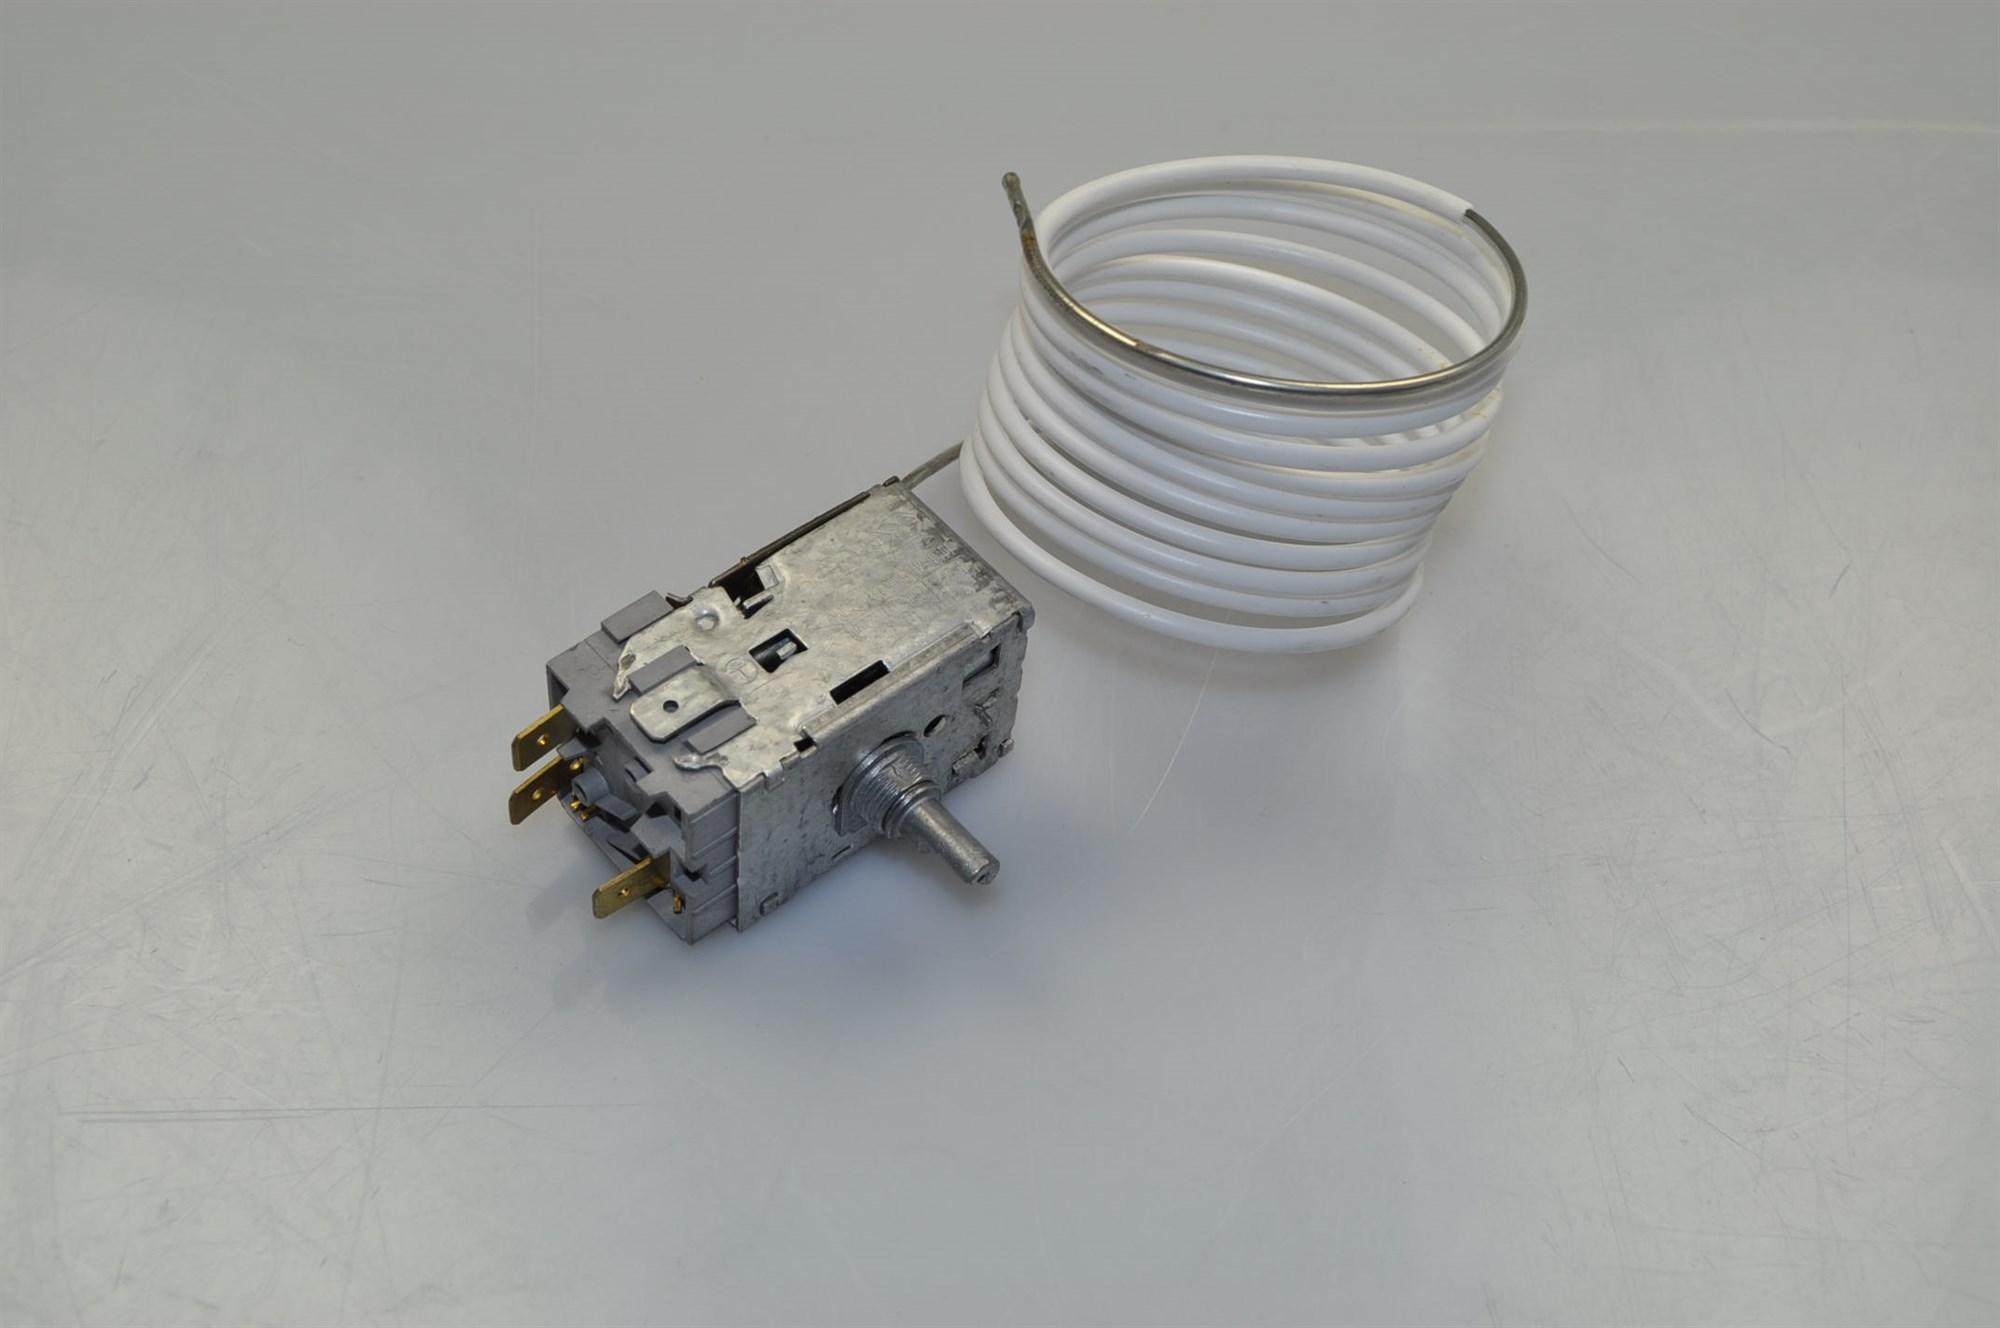 Kühlschrank Thermostat Universal : ▷ danfoss thermostat kuehlschrank test vergleich die